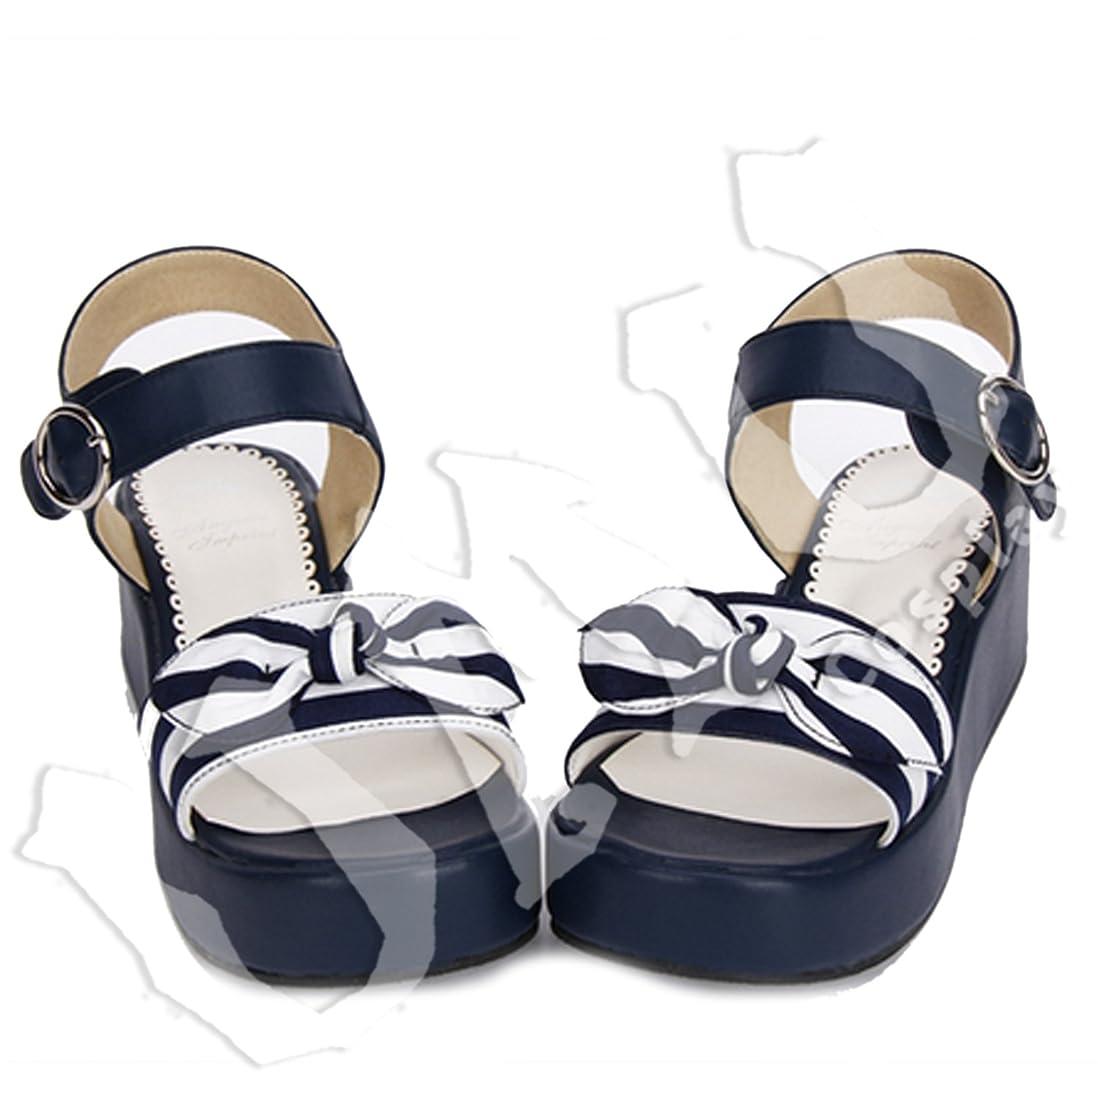 後者夕食を食べるラリーベルモント【UMU】 LOLITA ロリータ 紺色 夏 縞 風 靴 ブーツ ブーティ オーダーメイド(ヒール高、材質、靴色は変更可能!) (足25.5cm)